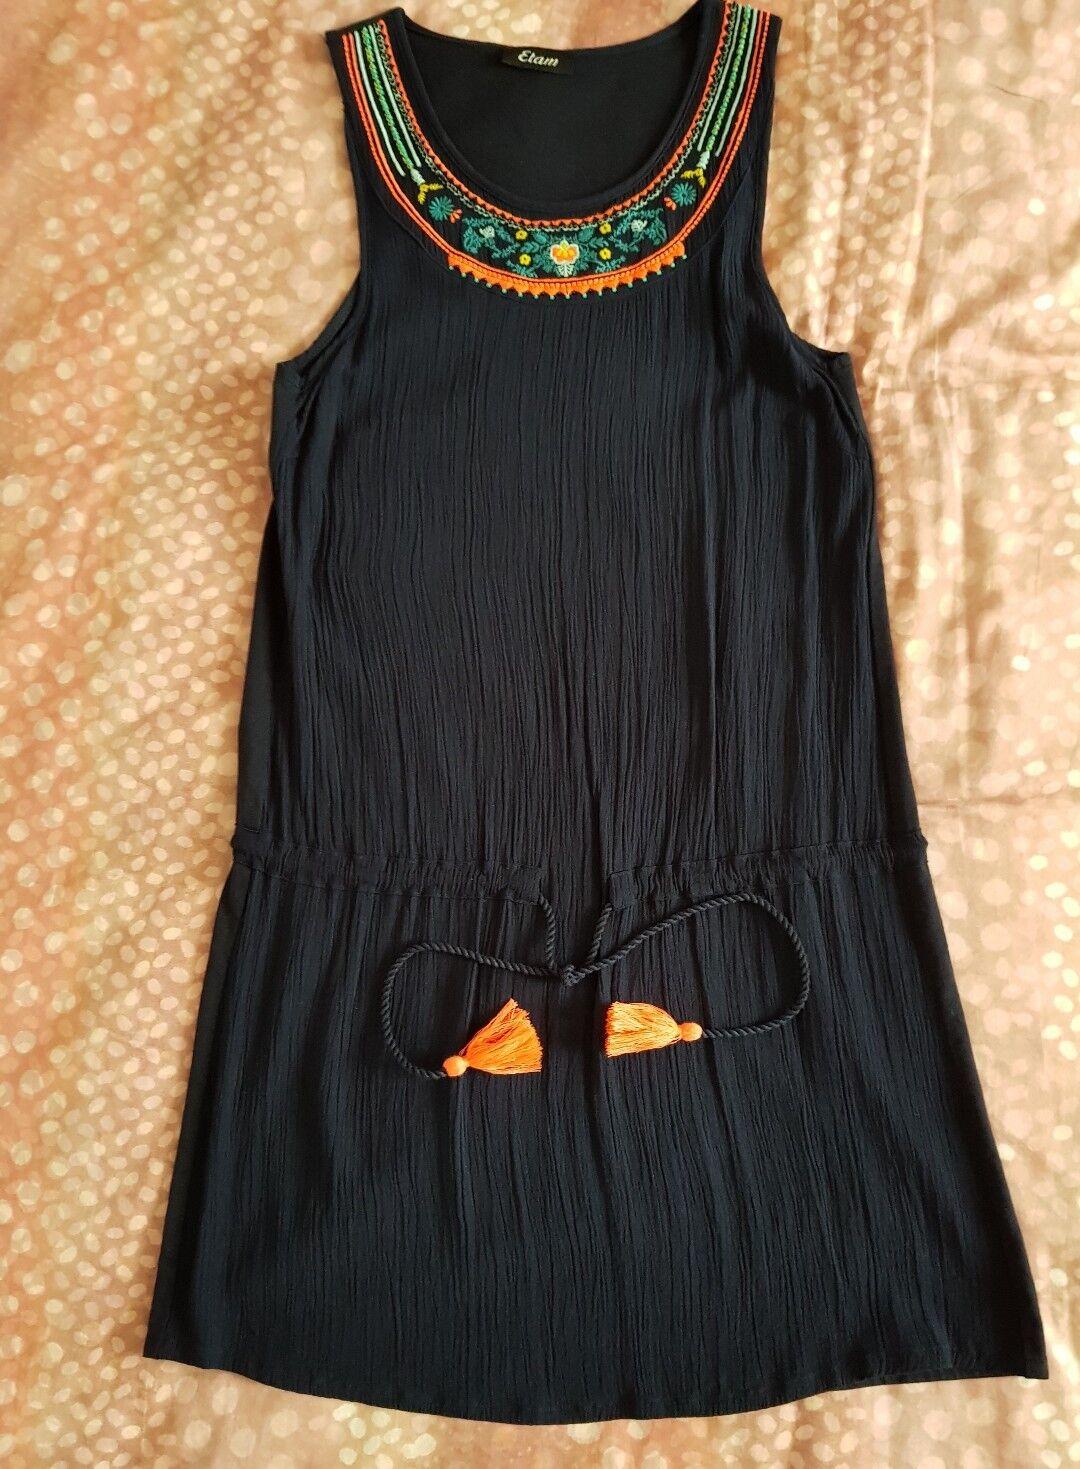 411dfe51100b9c robe de de de plage femme t 38 etam 7cc8f1 - toutes.kosovarja.online